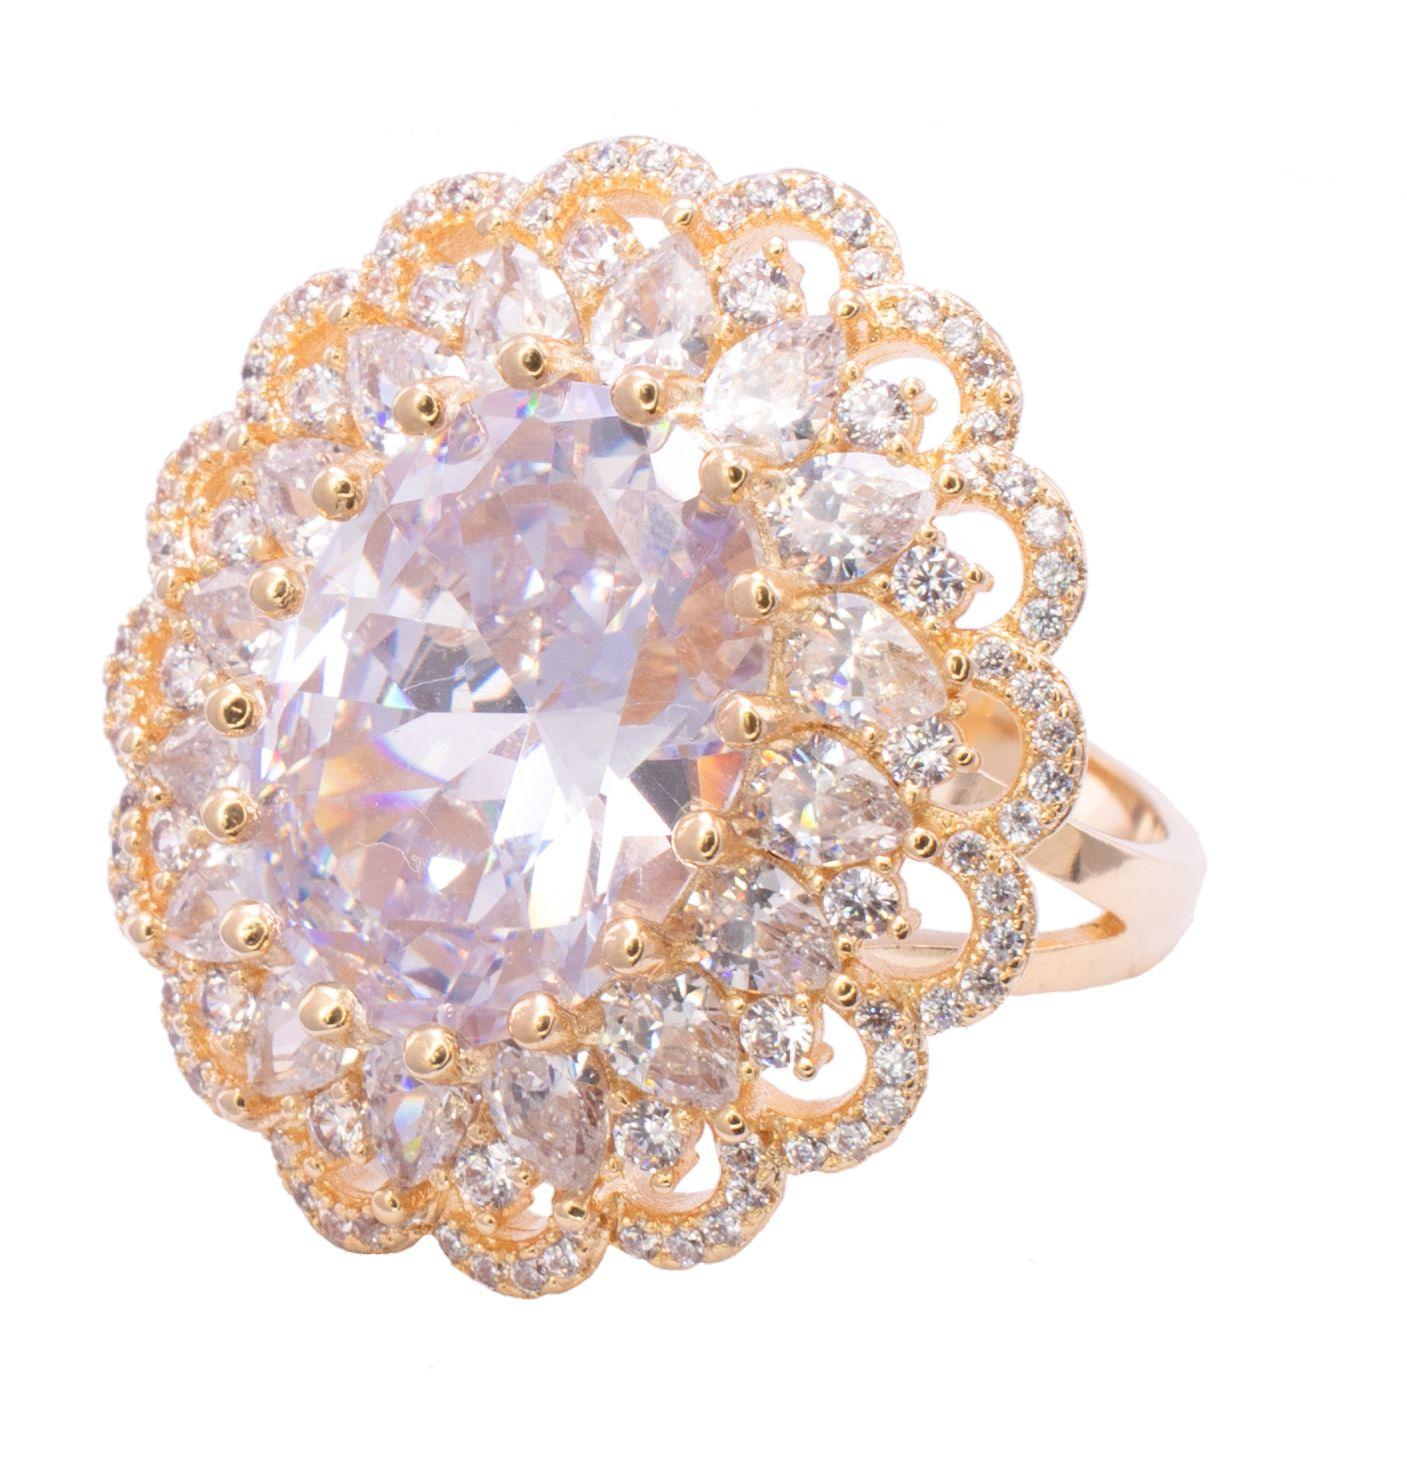 Anel com Cristal Incolor e Pedras em Navete com Zircônias Folheado em Ouro 18k